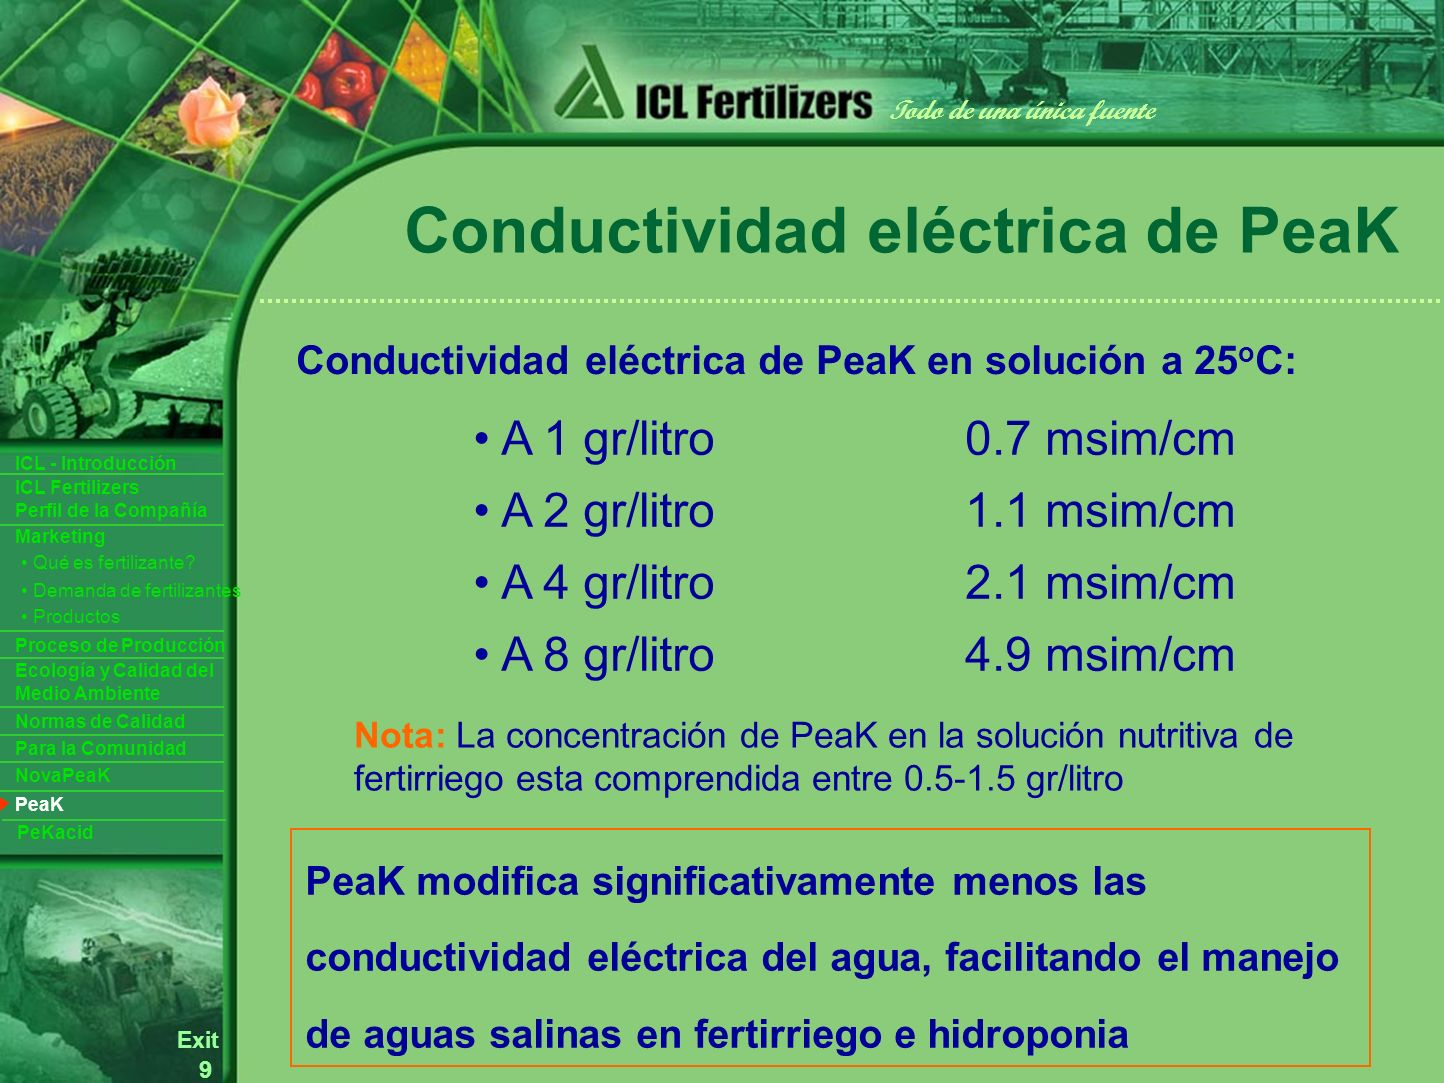 20 Exit Todo de una única fuente ICL Fertilizers Perfil de la Compañía ICL - Introducción Productos Para la Comunidad Ecología y Calidad del Medio Ambiente Normas de Calidad Marketing Proceso de Producción Demanda de fertilizantes Qué es fertilizante.